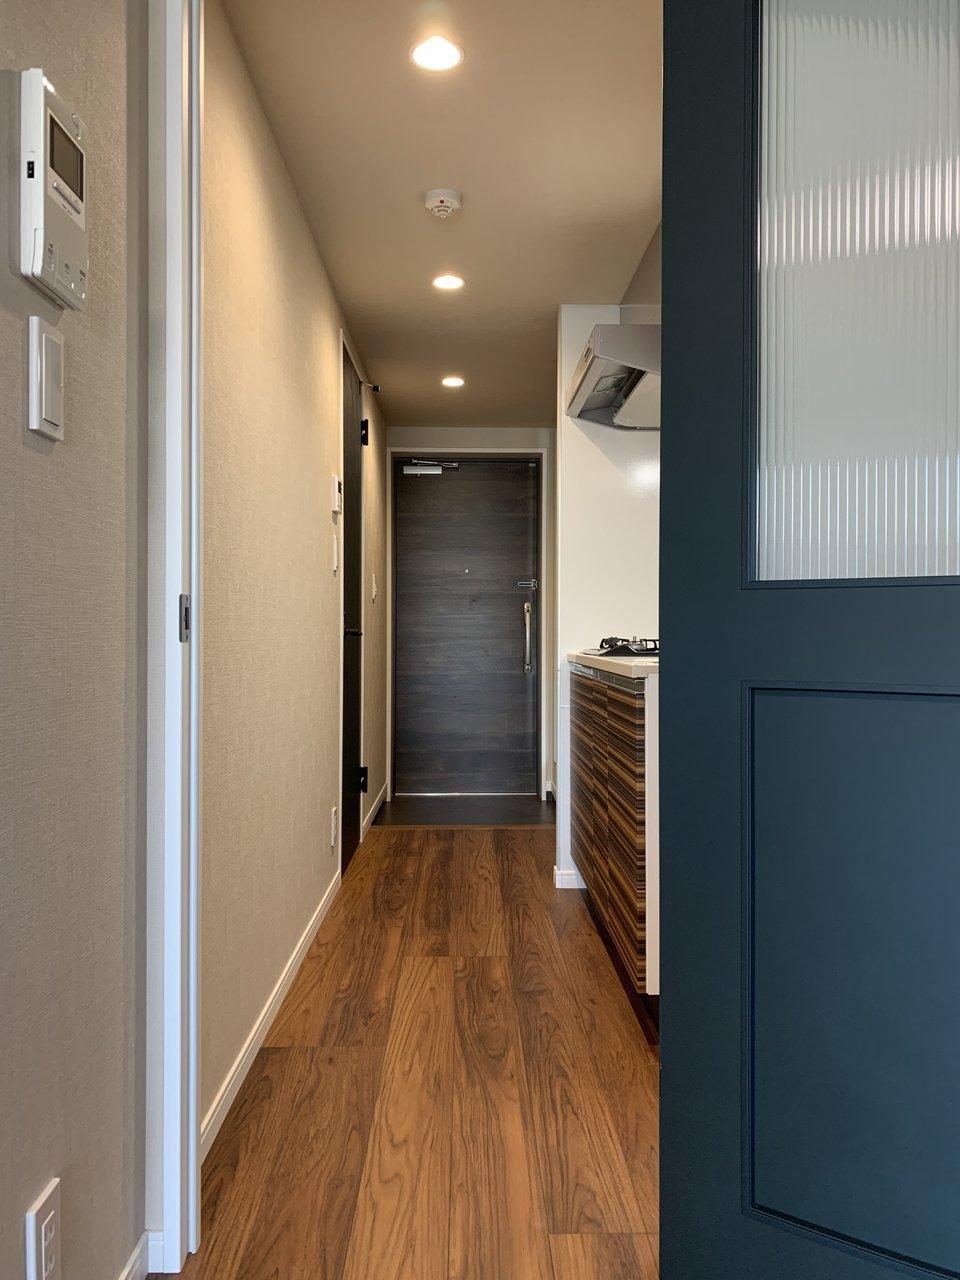 玄関〜お部屋までしっかり高級感あります。こちらも新築で、独立洗面台など設備面も充実してます。